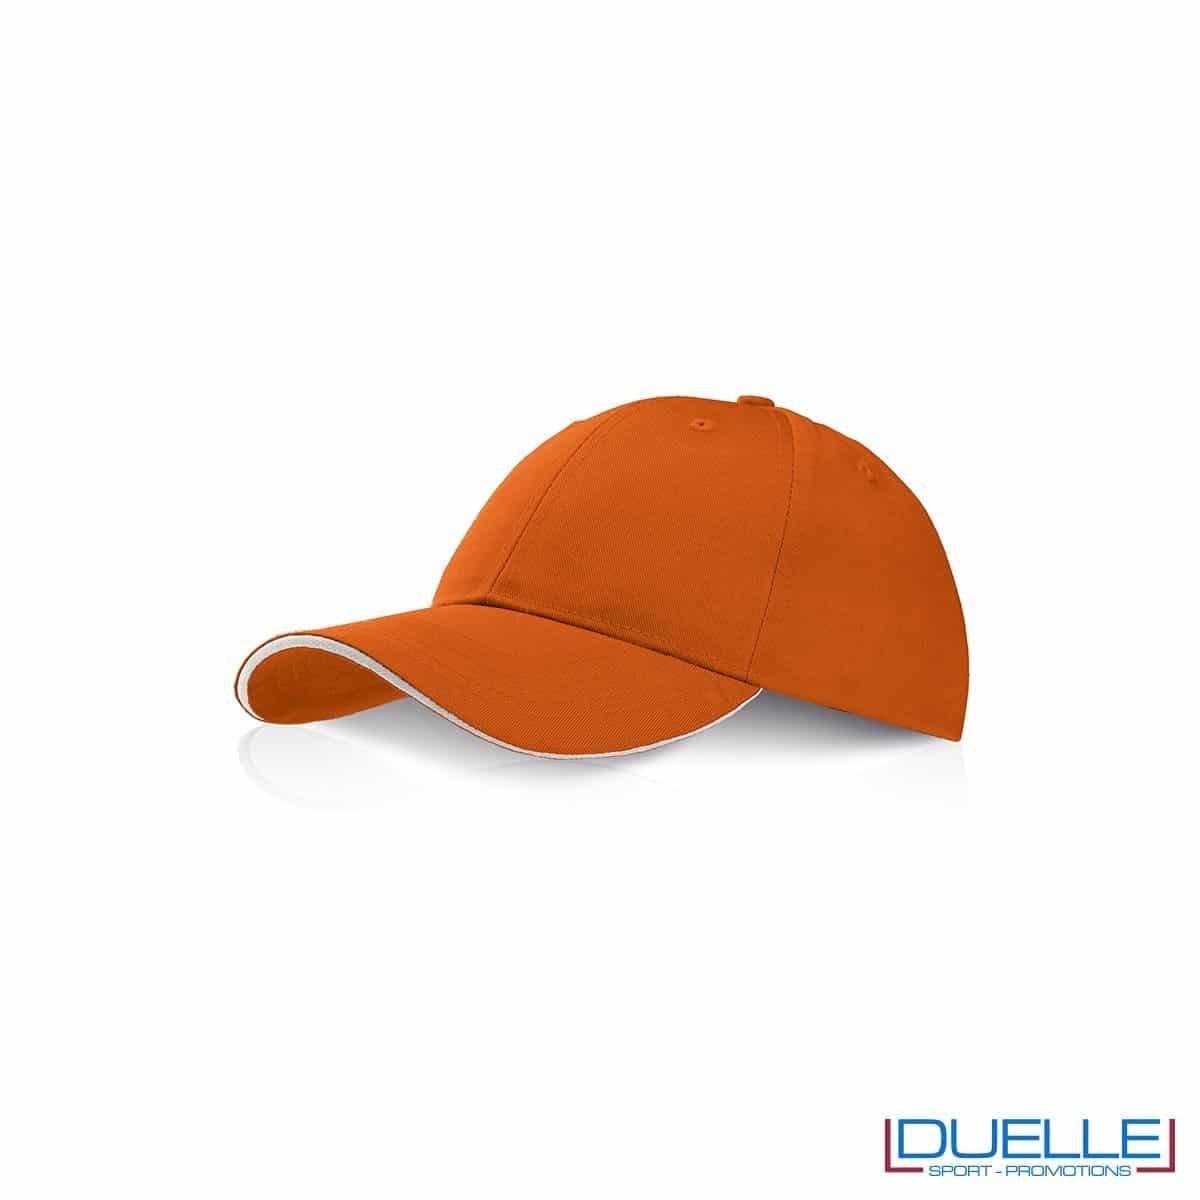 Cappellino personalizzato con visiera a sandwich arancione, cappellini promozionali arancione